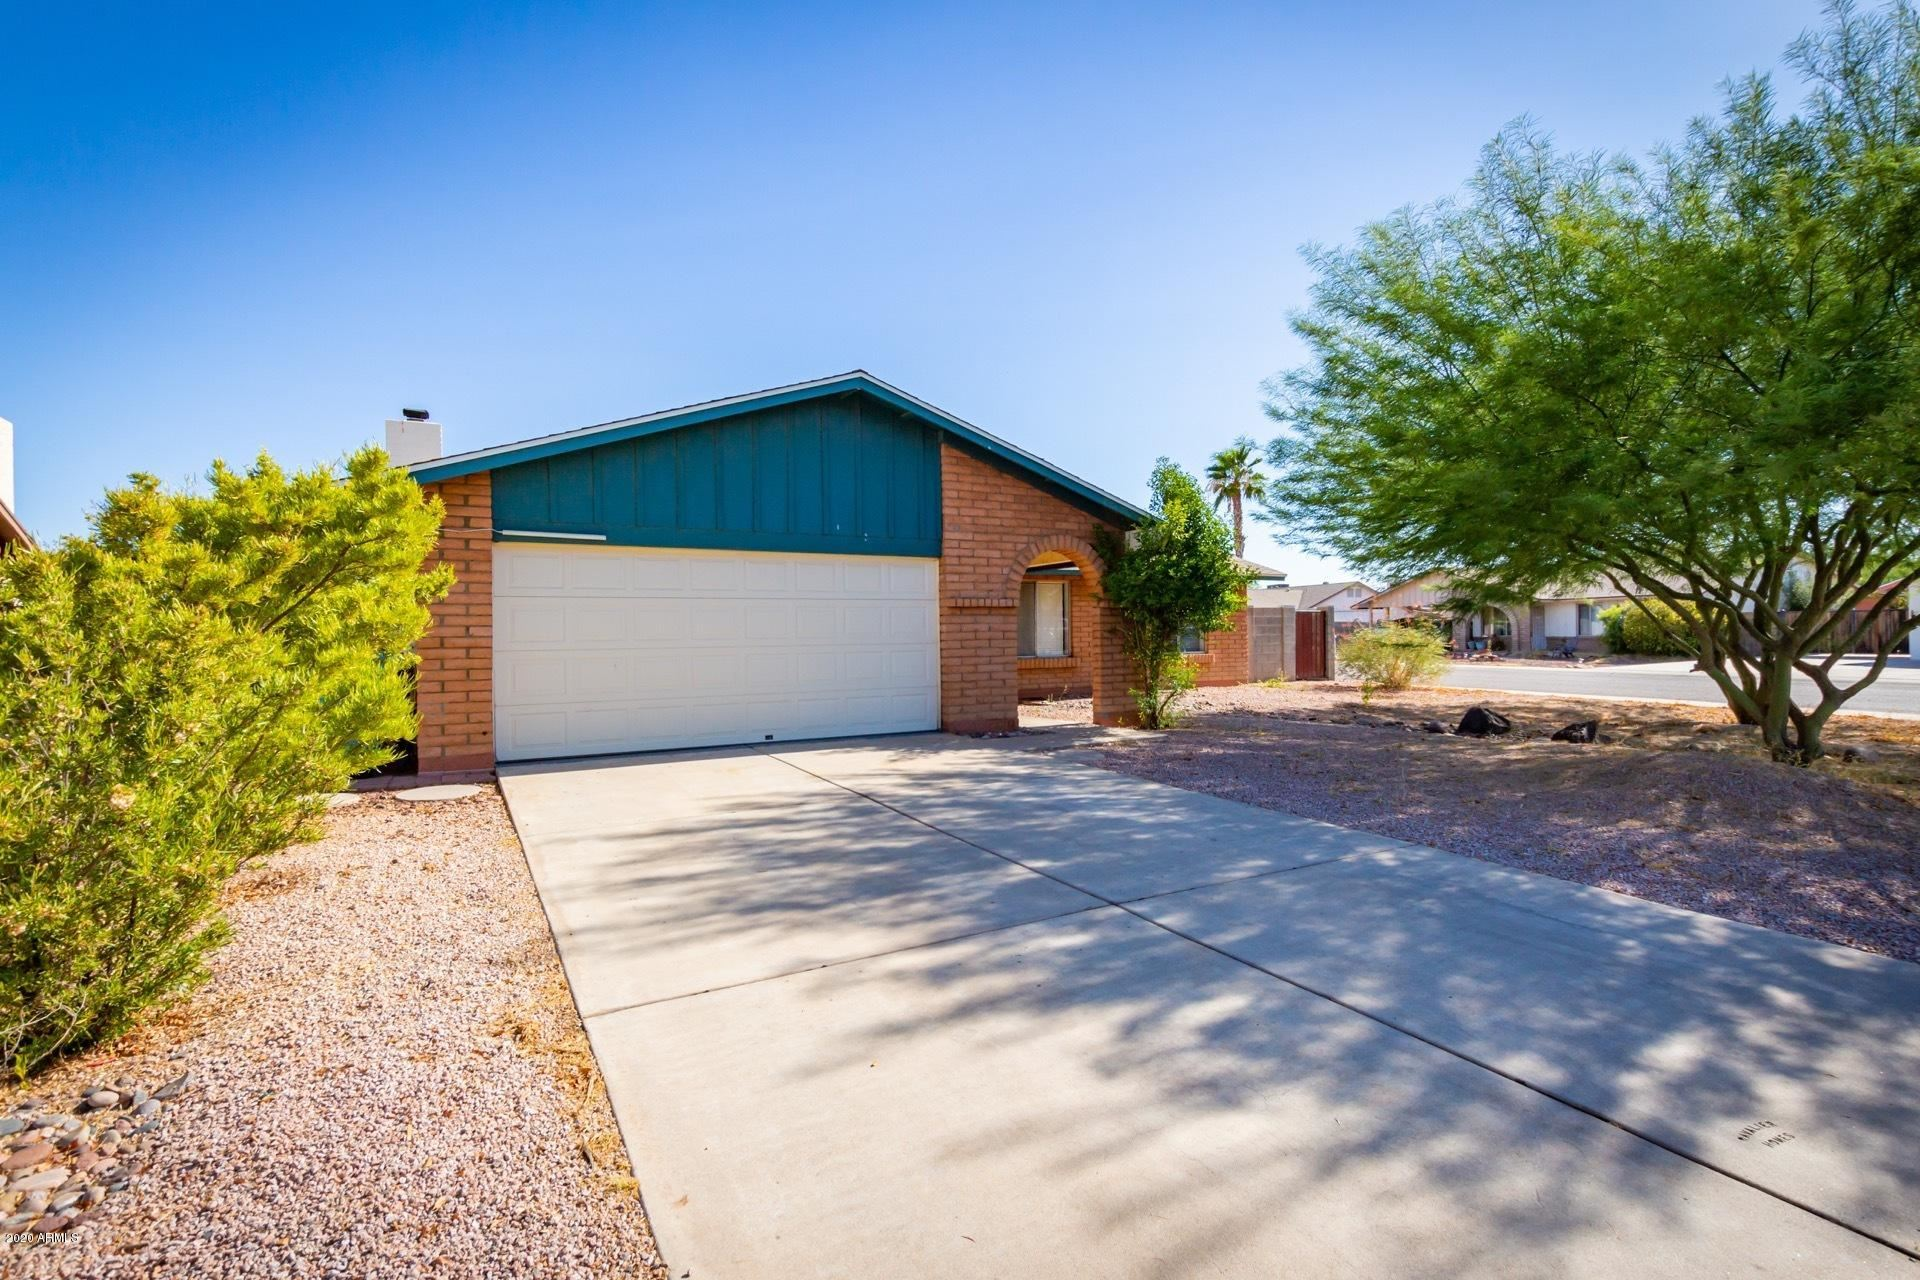 4015 W ASTER Drive, Phoenix, AZ 85029 - MLS#: 6111186